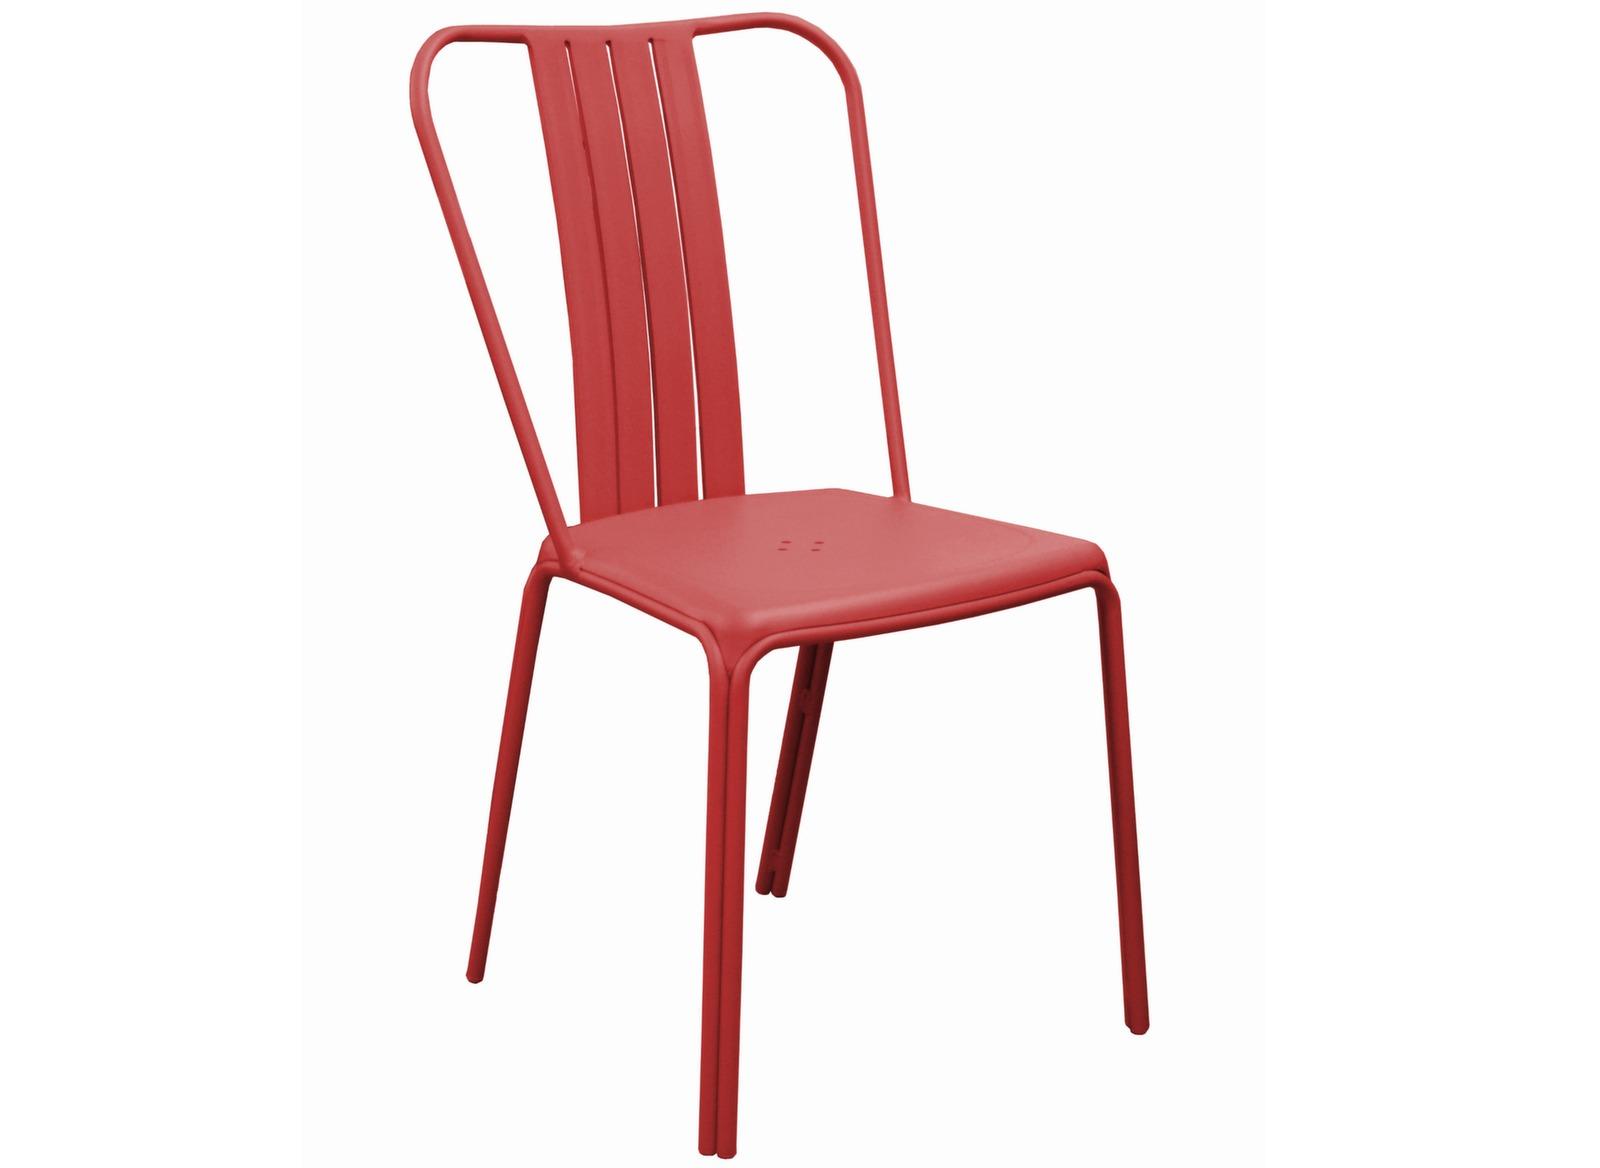 Chaise de jardin rouge mat azuro selon denali design proloisirs - Mobilier jardin rouge besancon ...